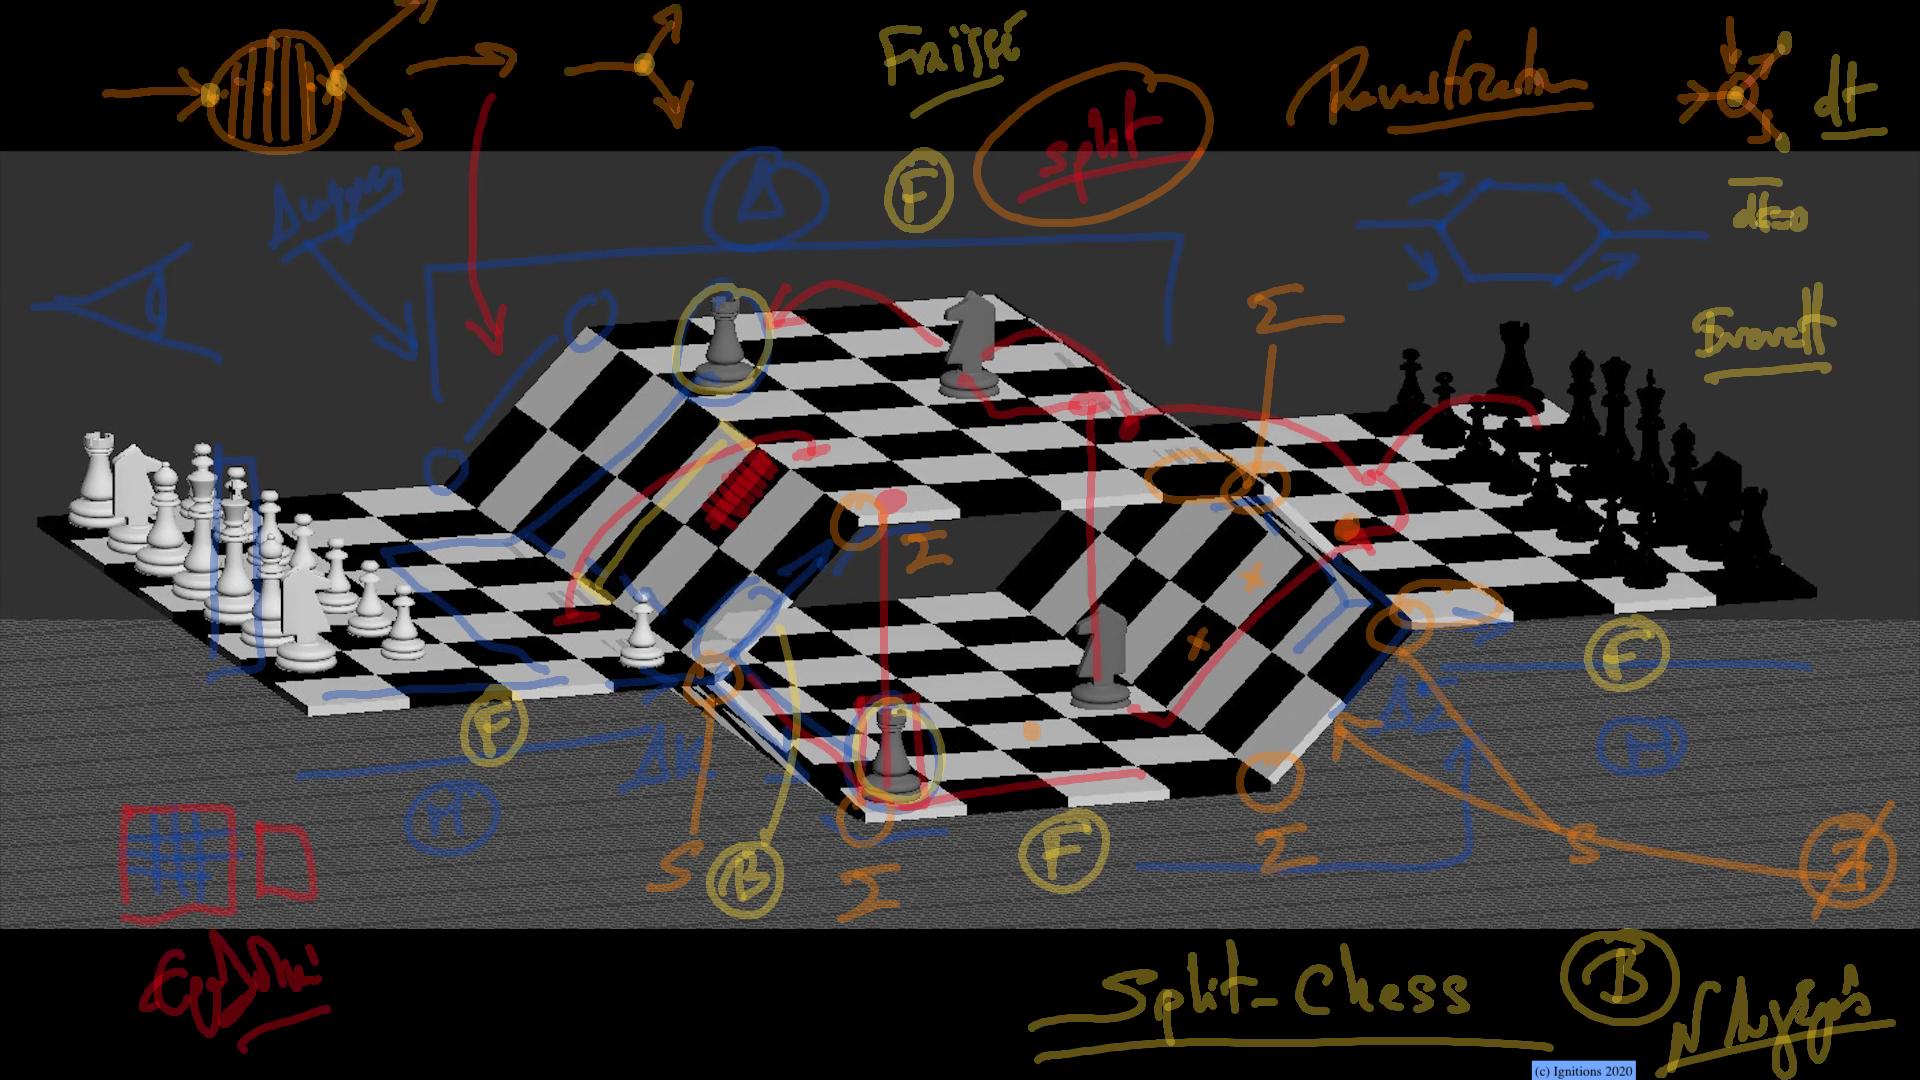 55742 - e-Μάθημα: Split Chess. (Dessin)